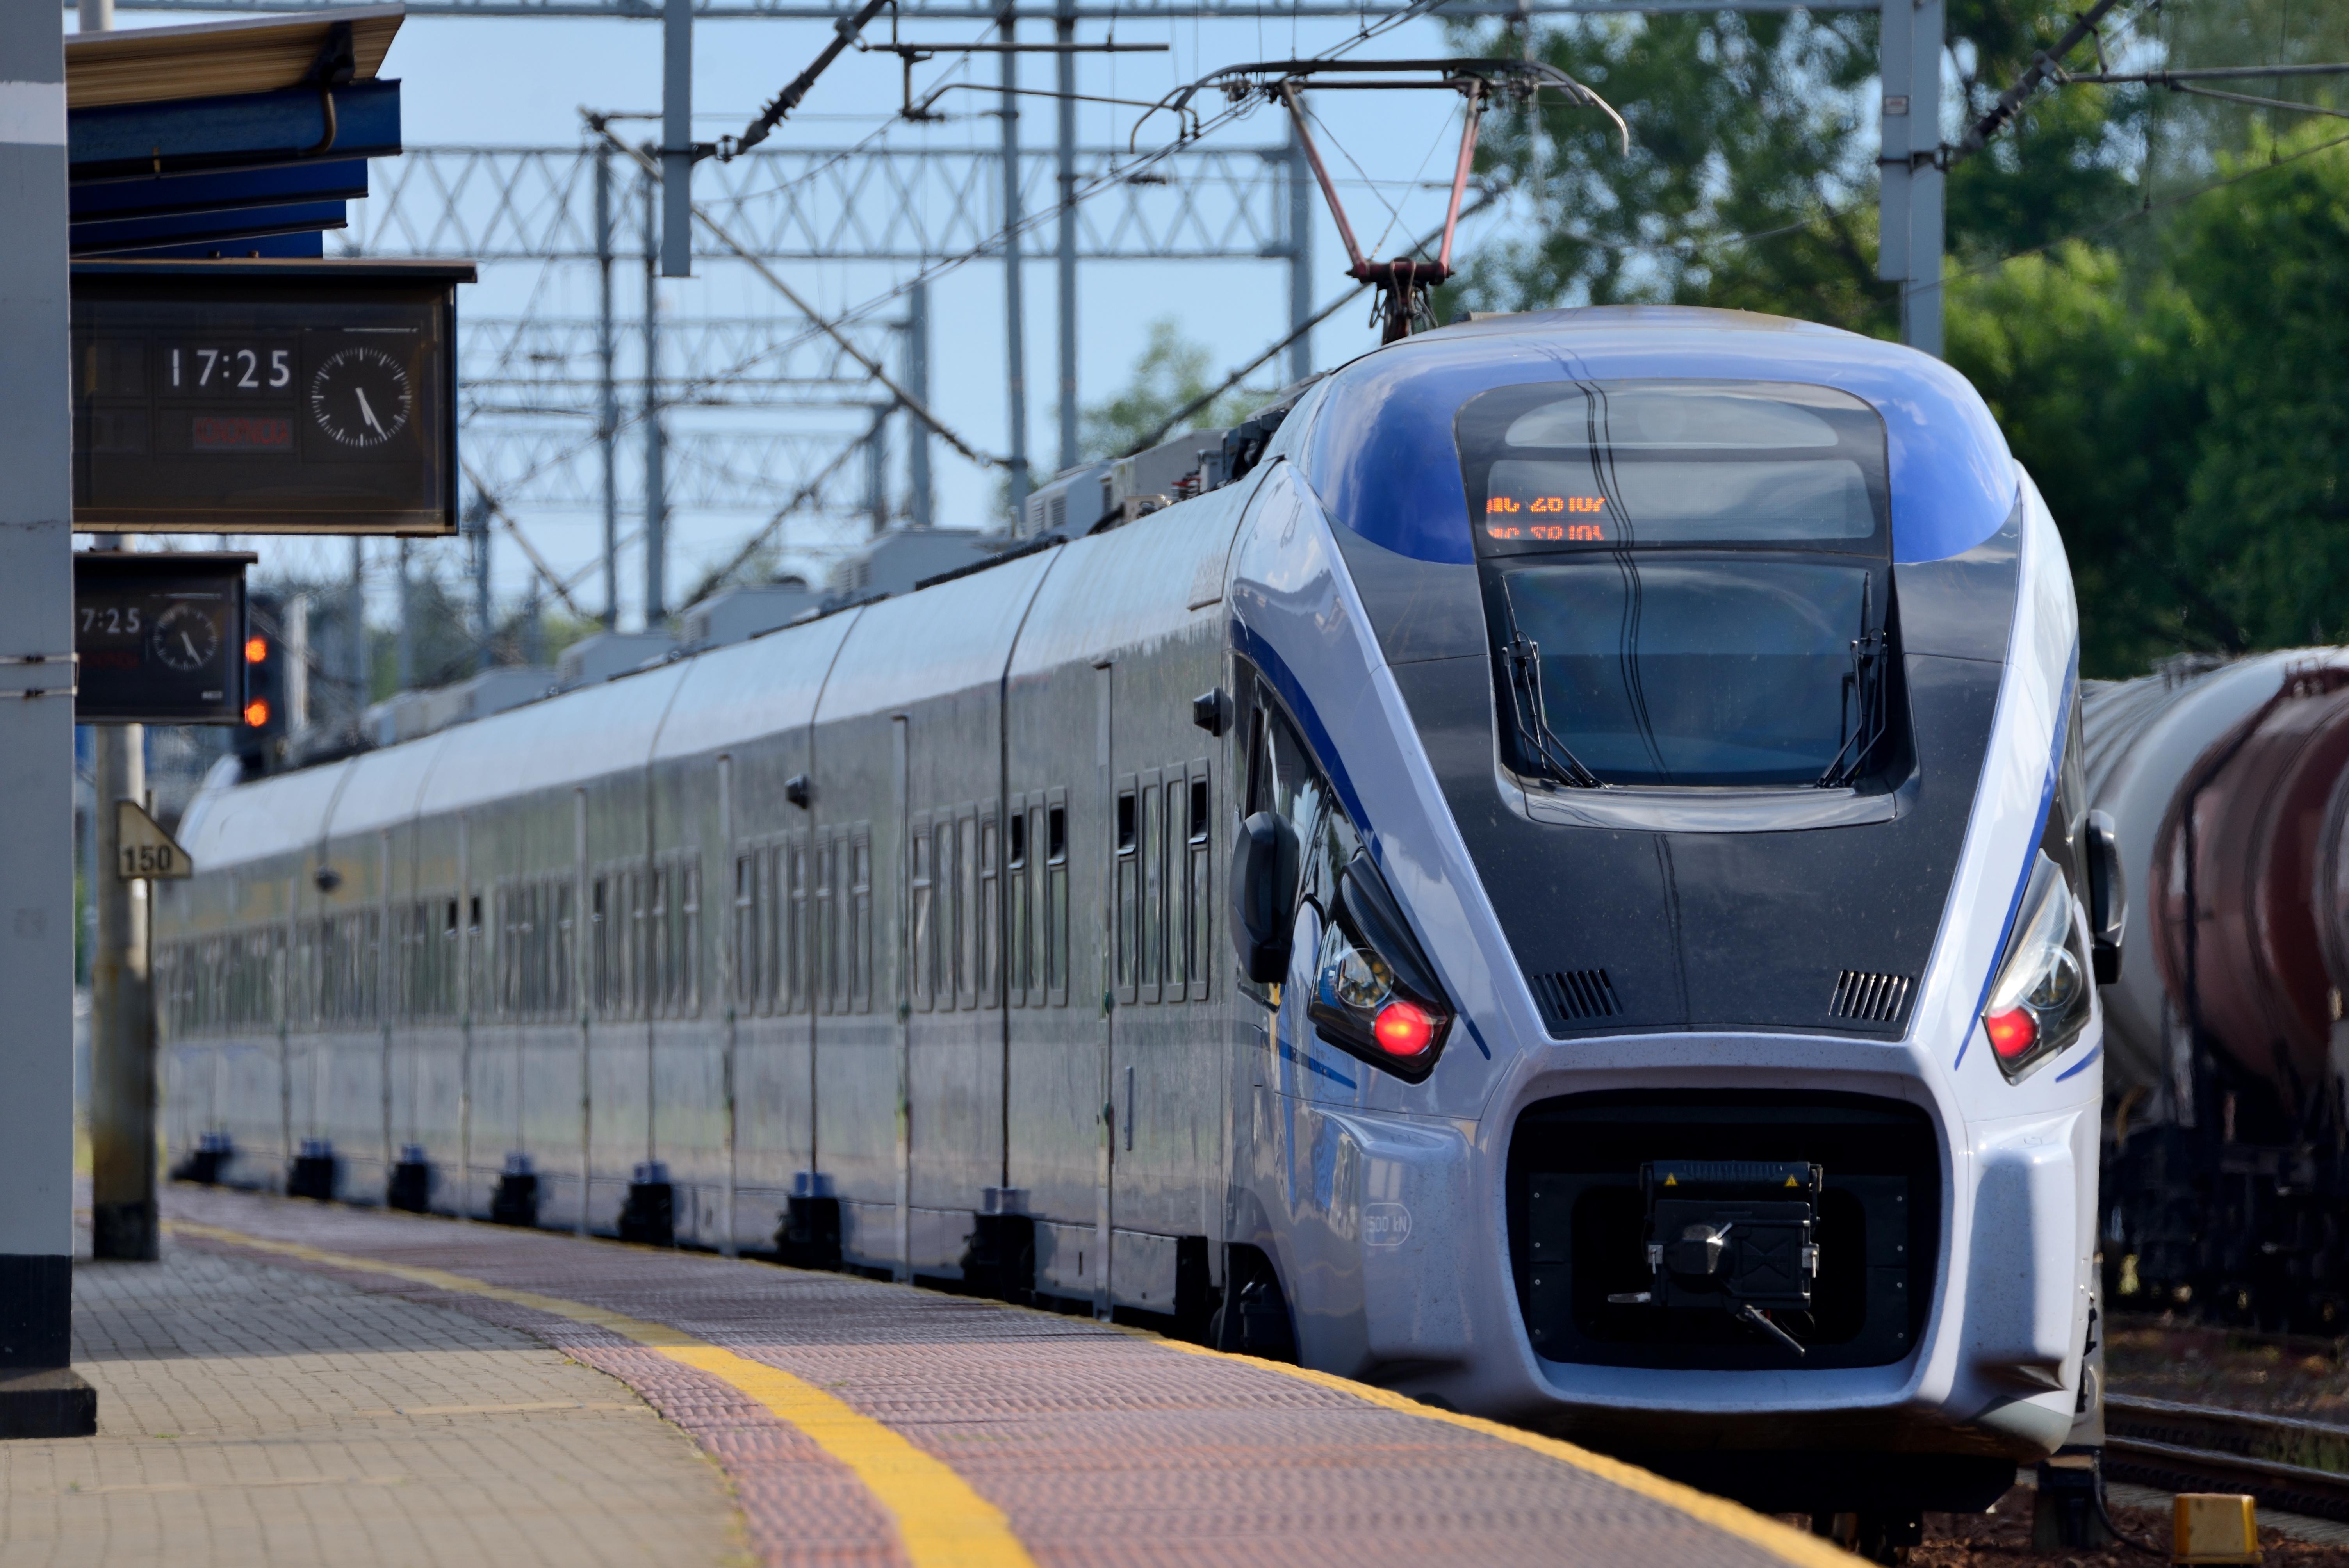 Schienenfahrzeugindustrie